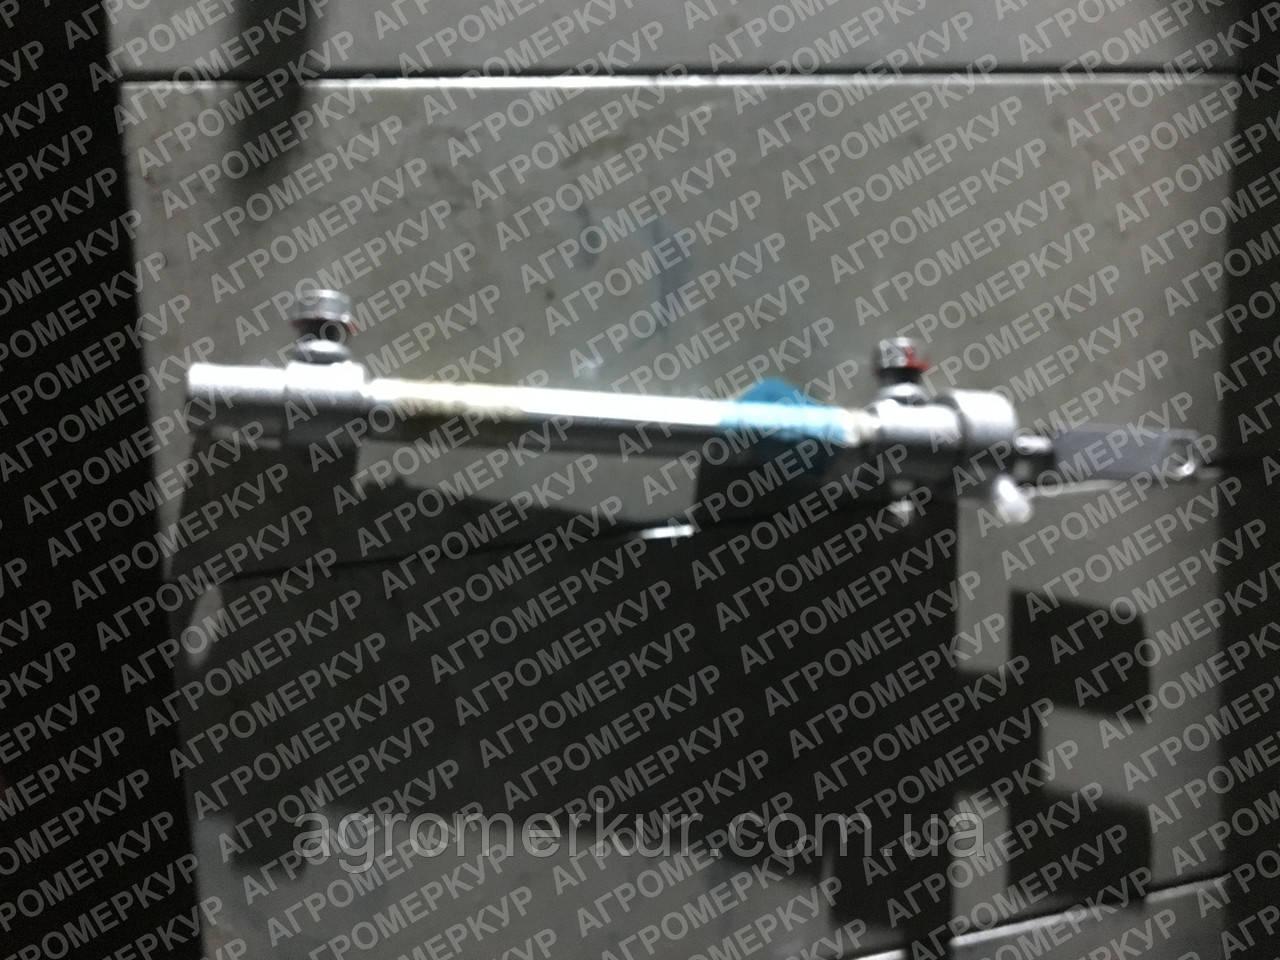 Циліндр гідравлічний VNB4423078 Kverneland